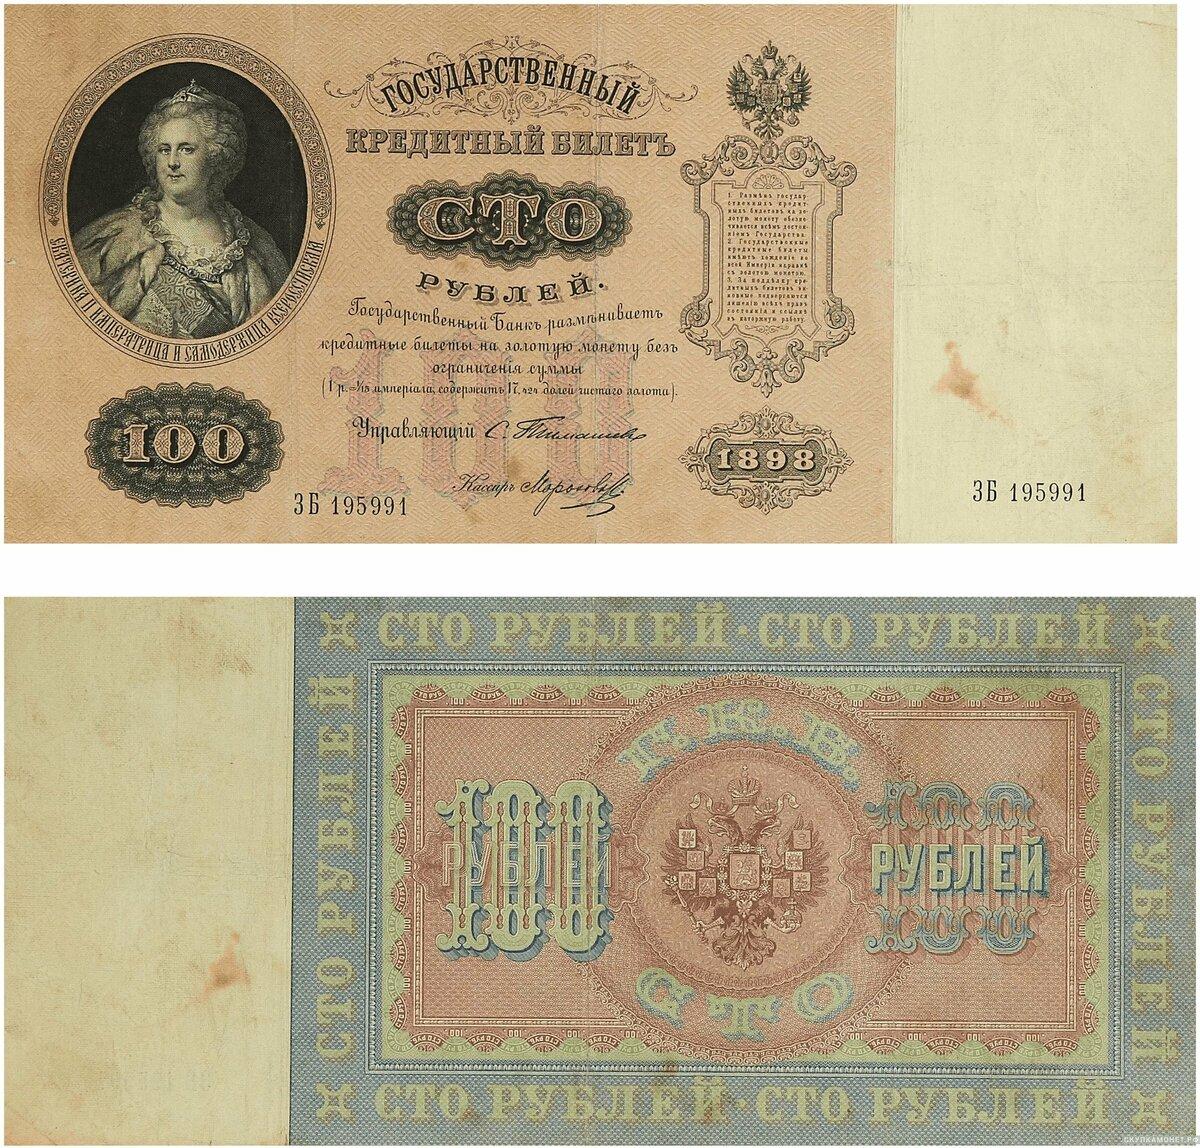 Картинки модных, открытки царской россии стоимость каталог цены